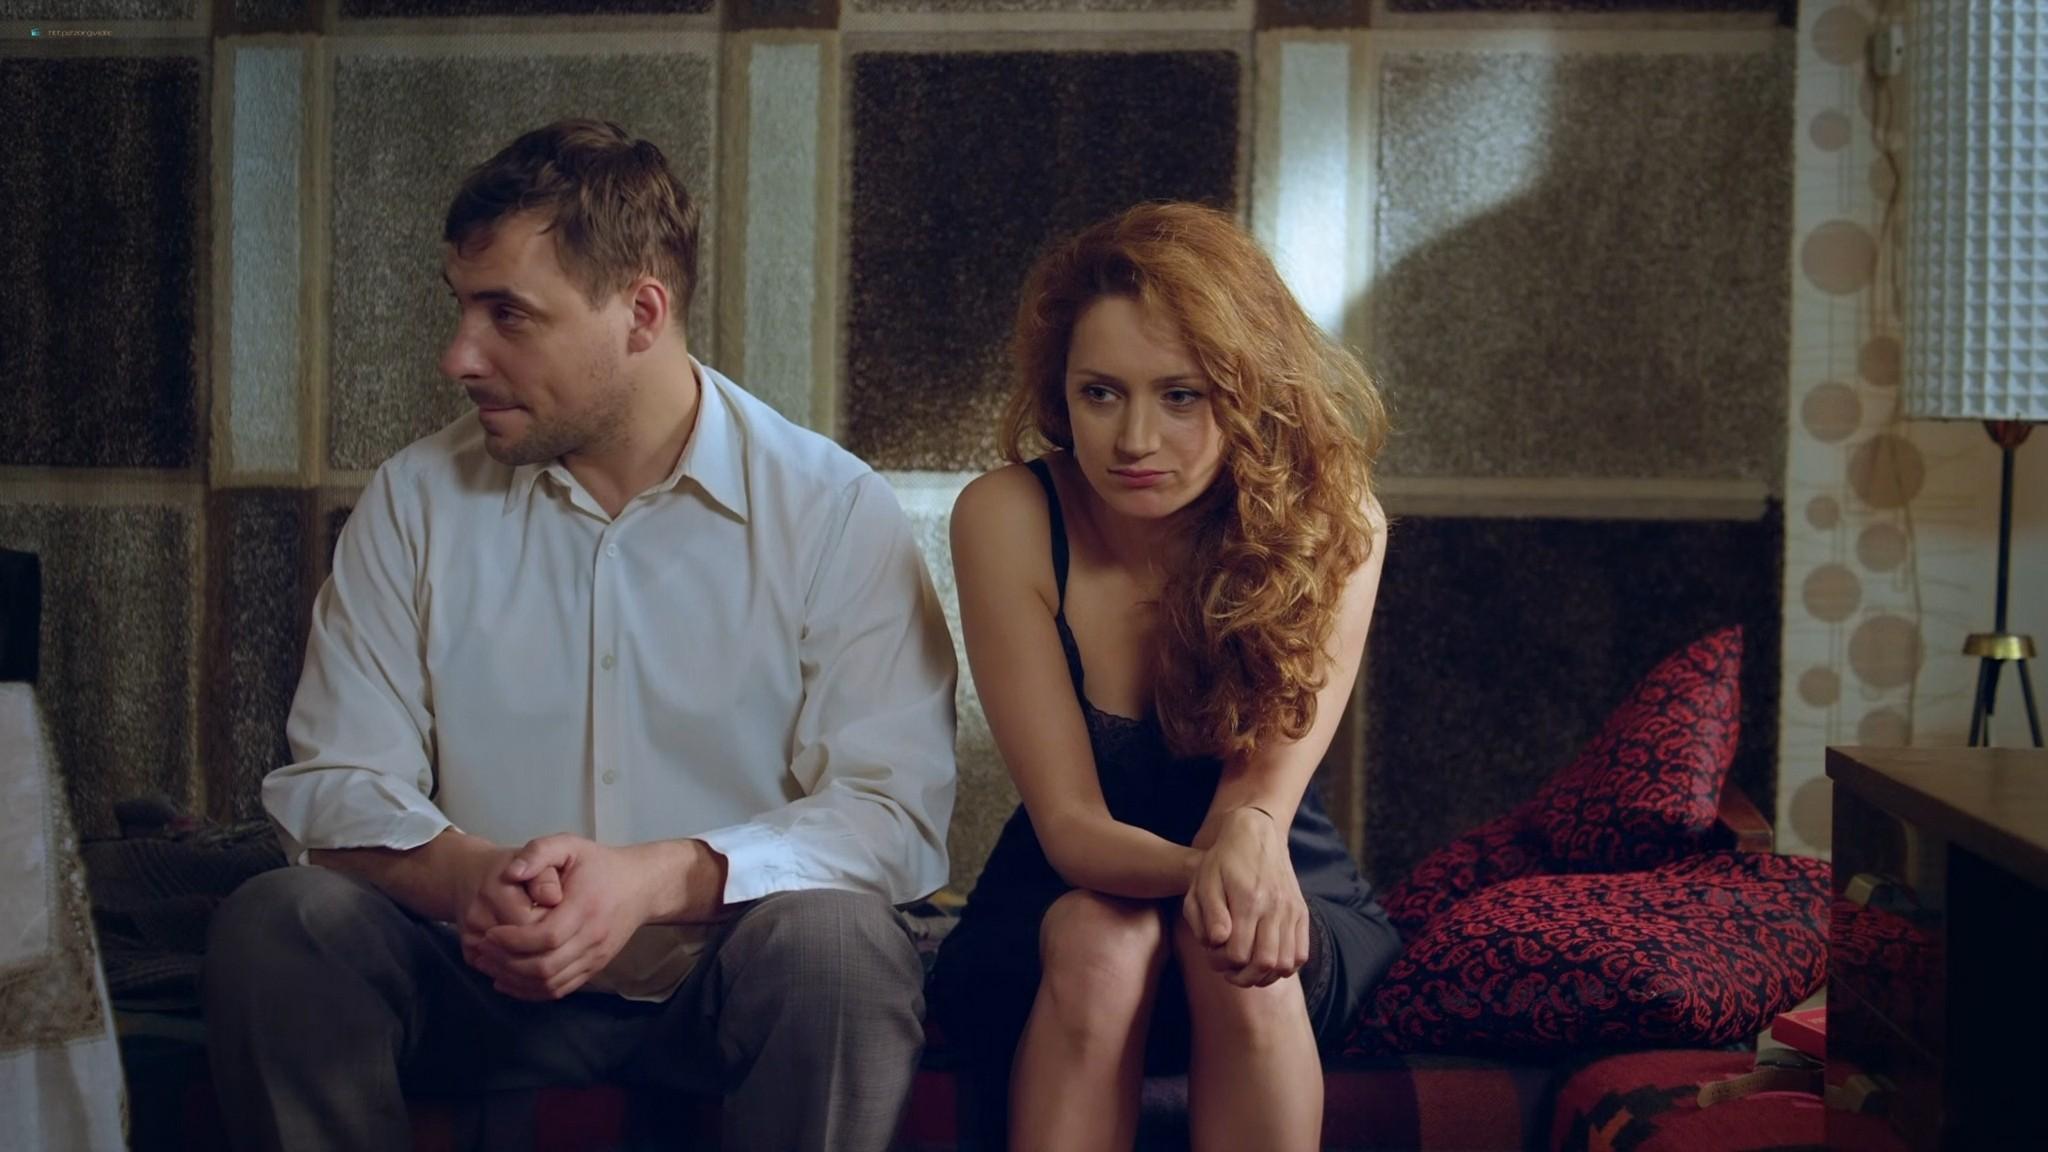 Viktoriya Isakova hot and sexy Ottepel RU 2013 HD 1080p BluRay 006